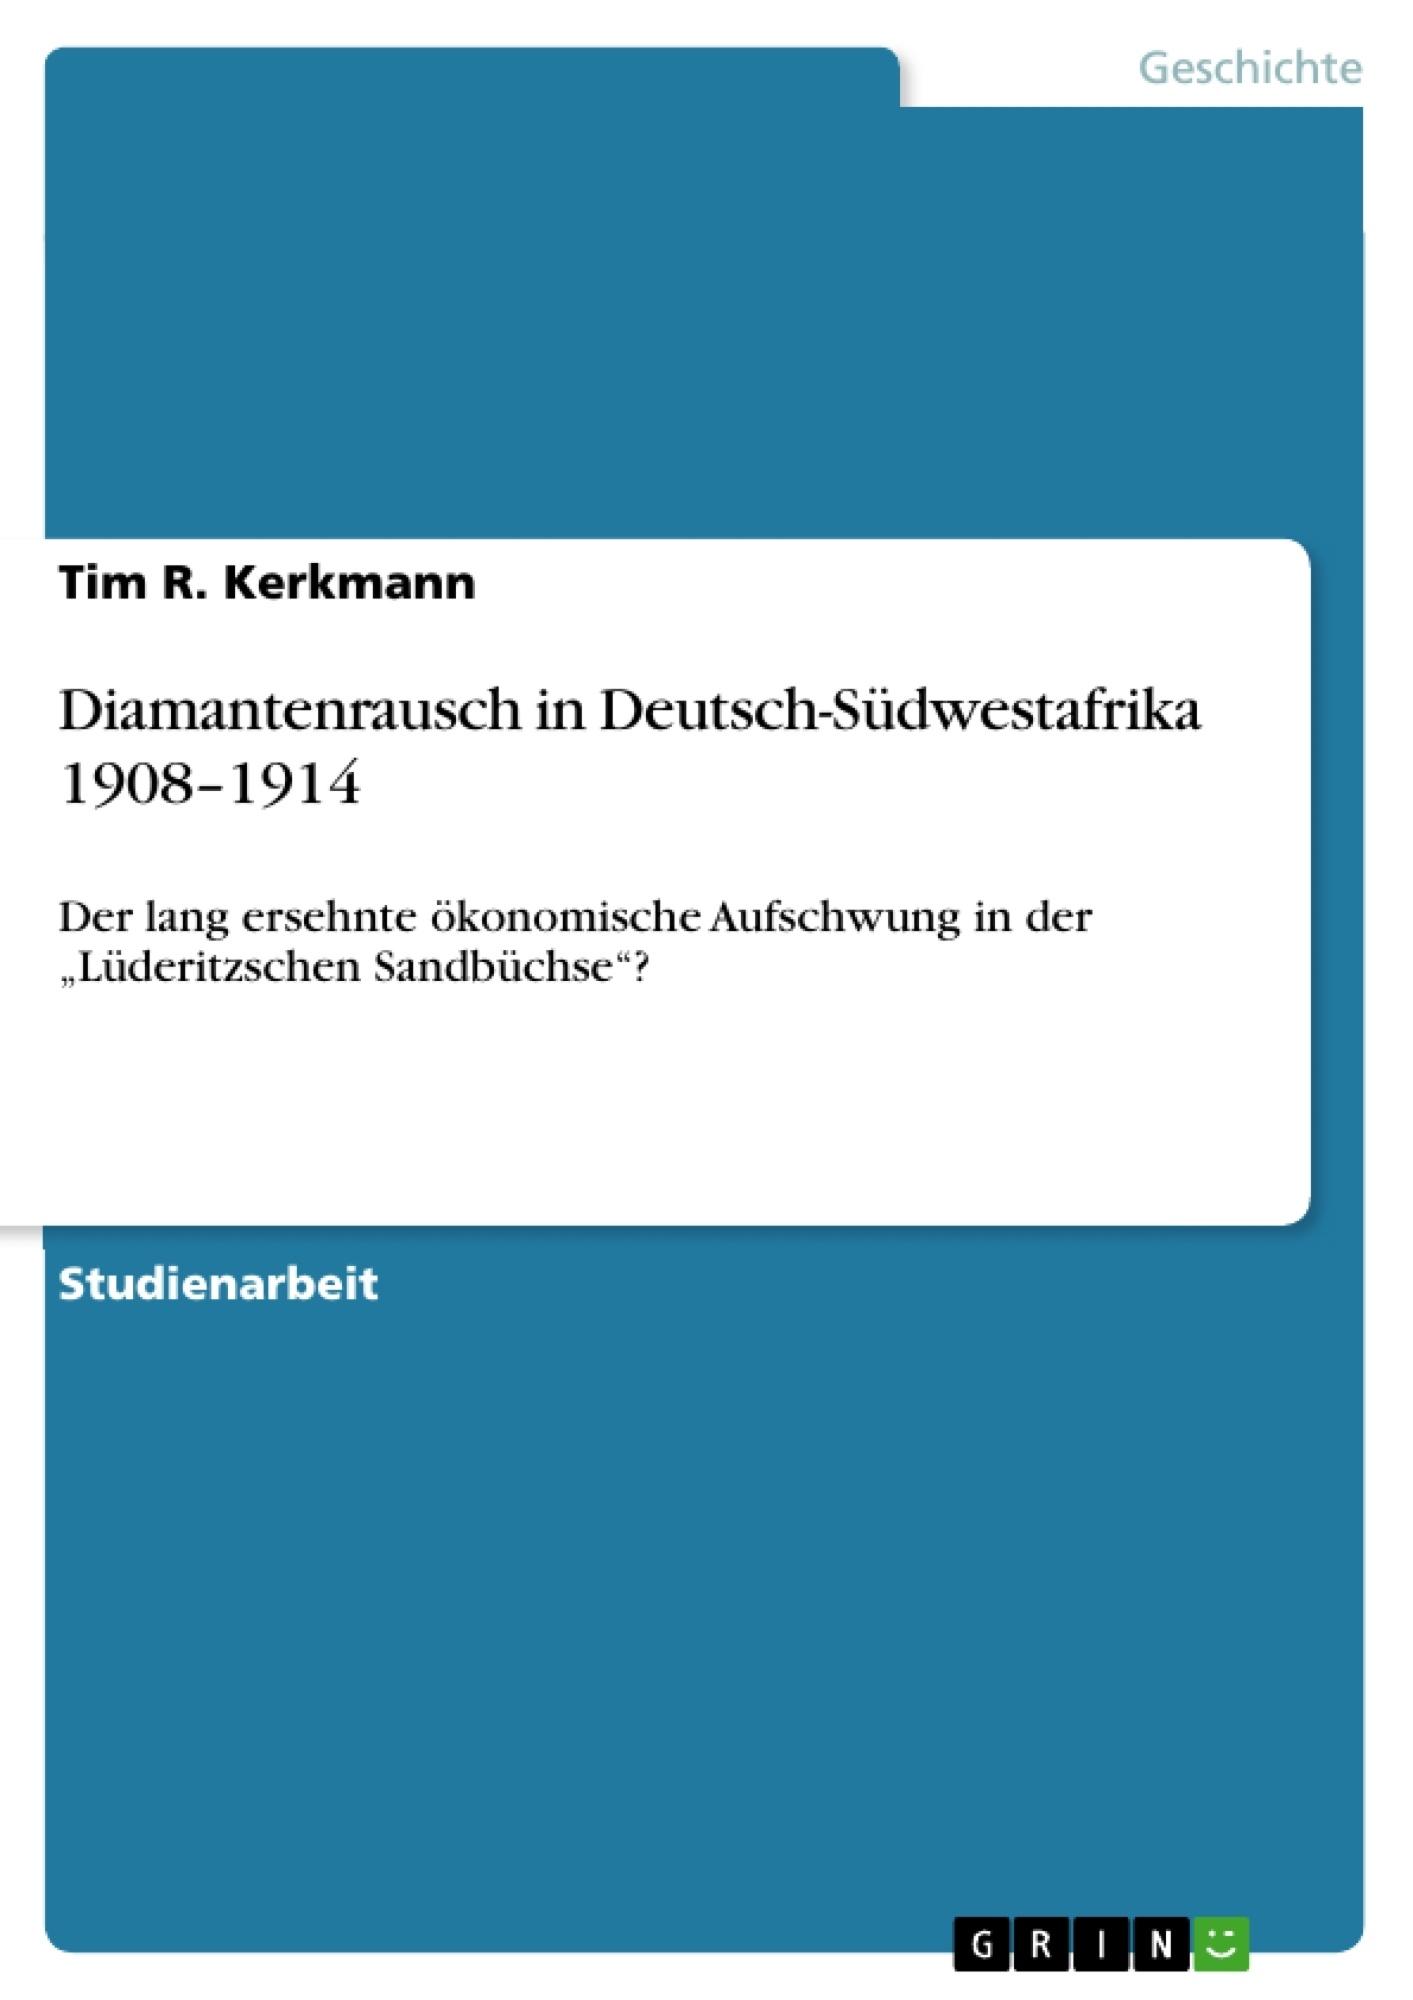 Titel: Diamantenrausch in Deutsch-Südwestafrika 1908–1914